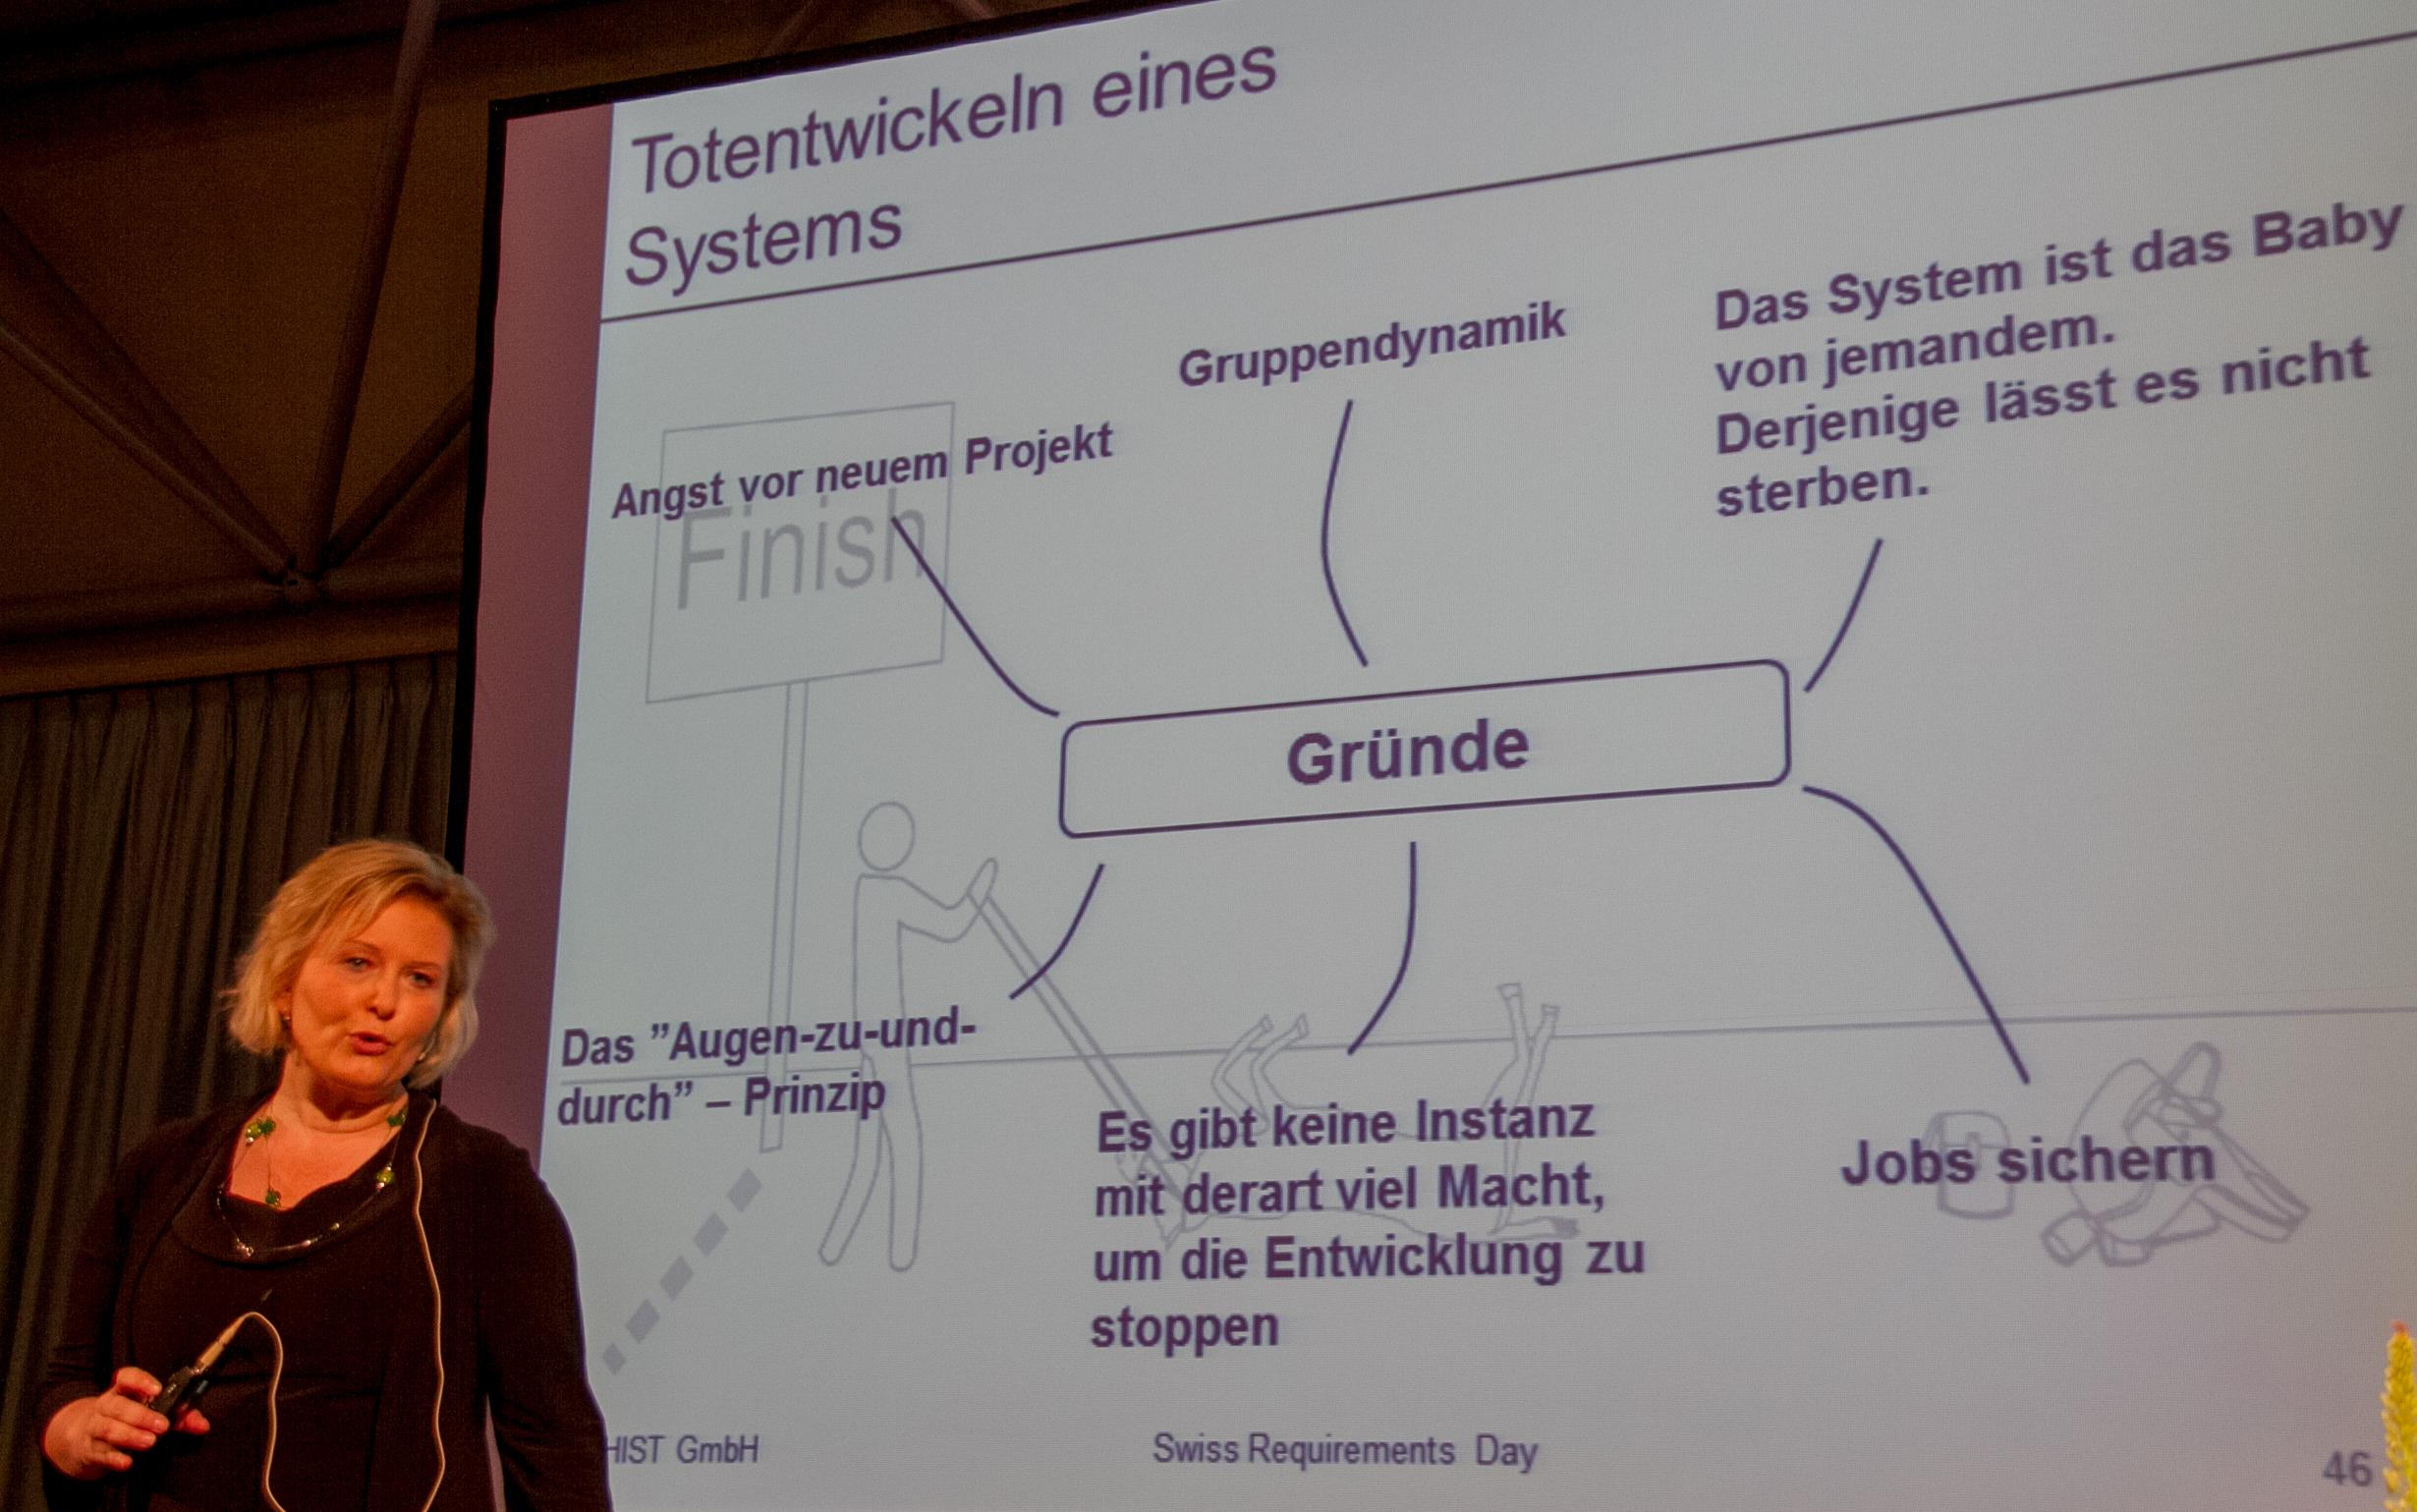 Chris Rupp: Gründe für das Totentwickeln eines IT-Projekts (Vortrag-Slides)